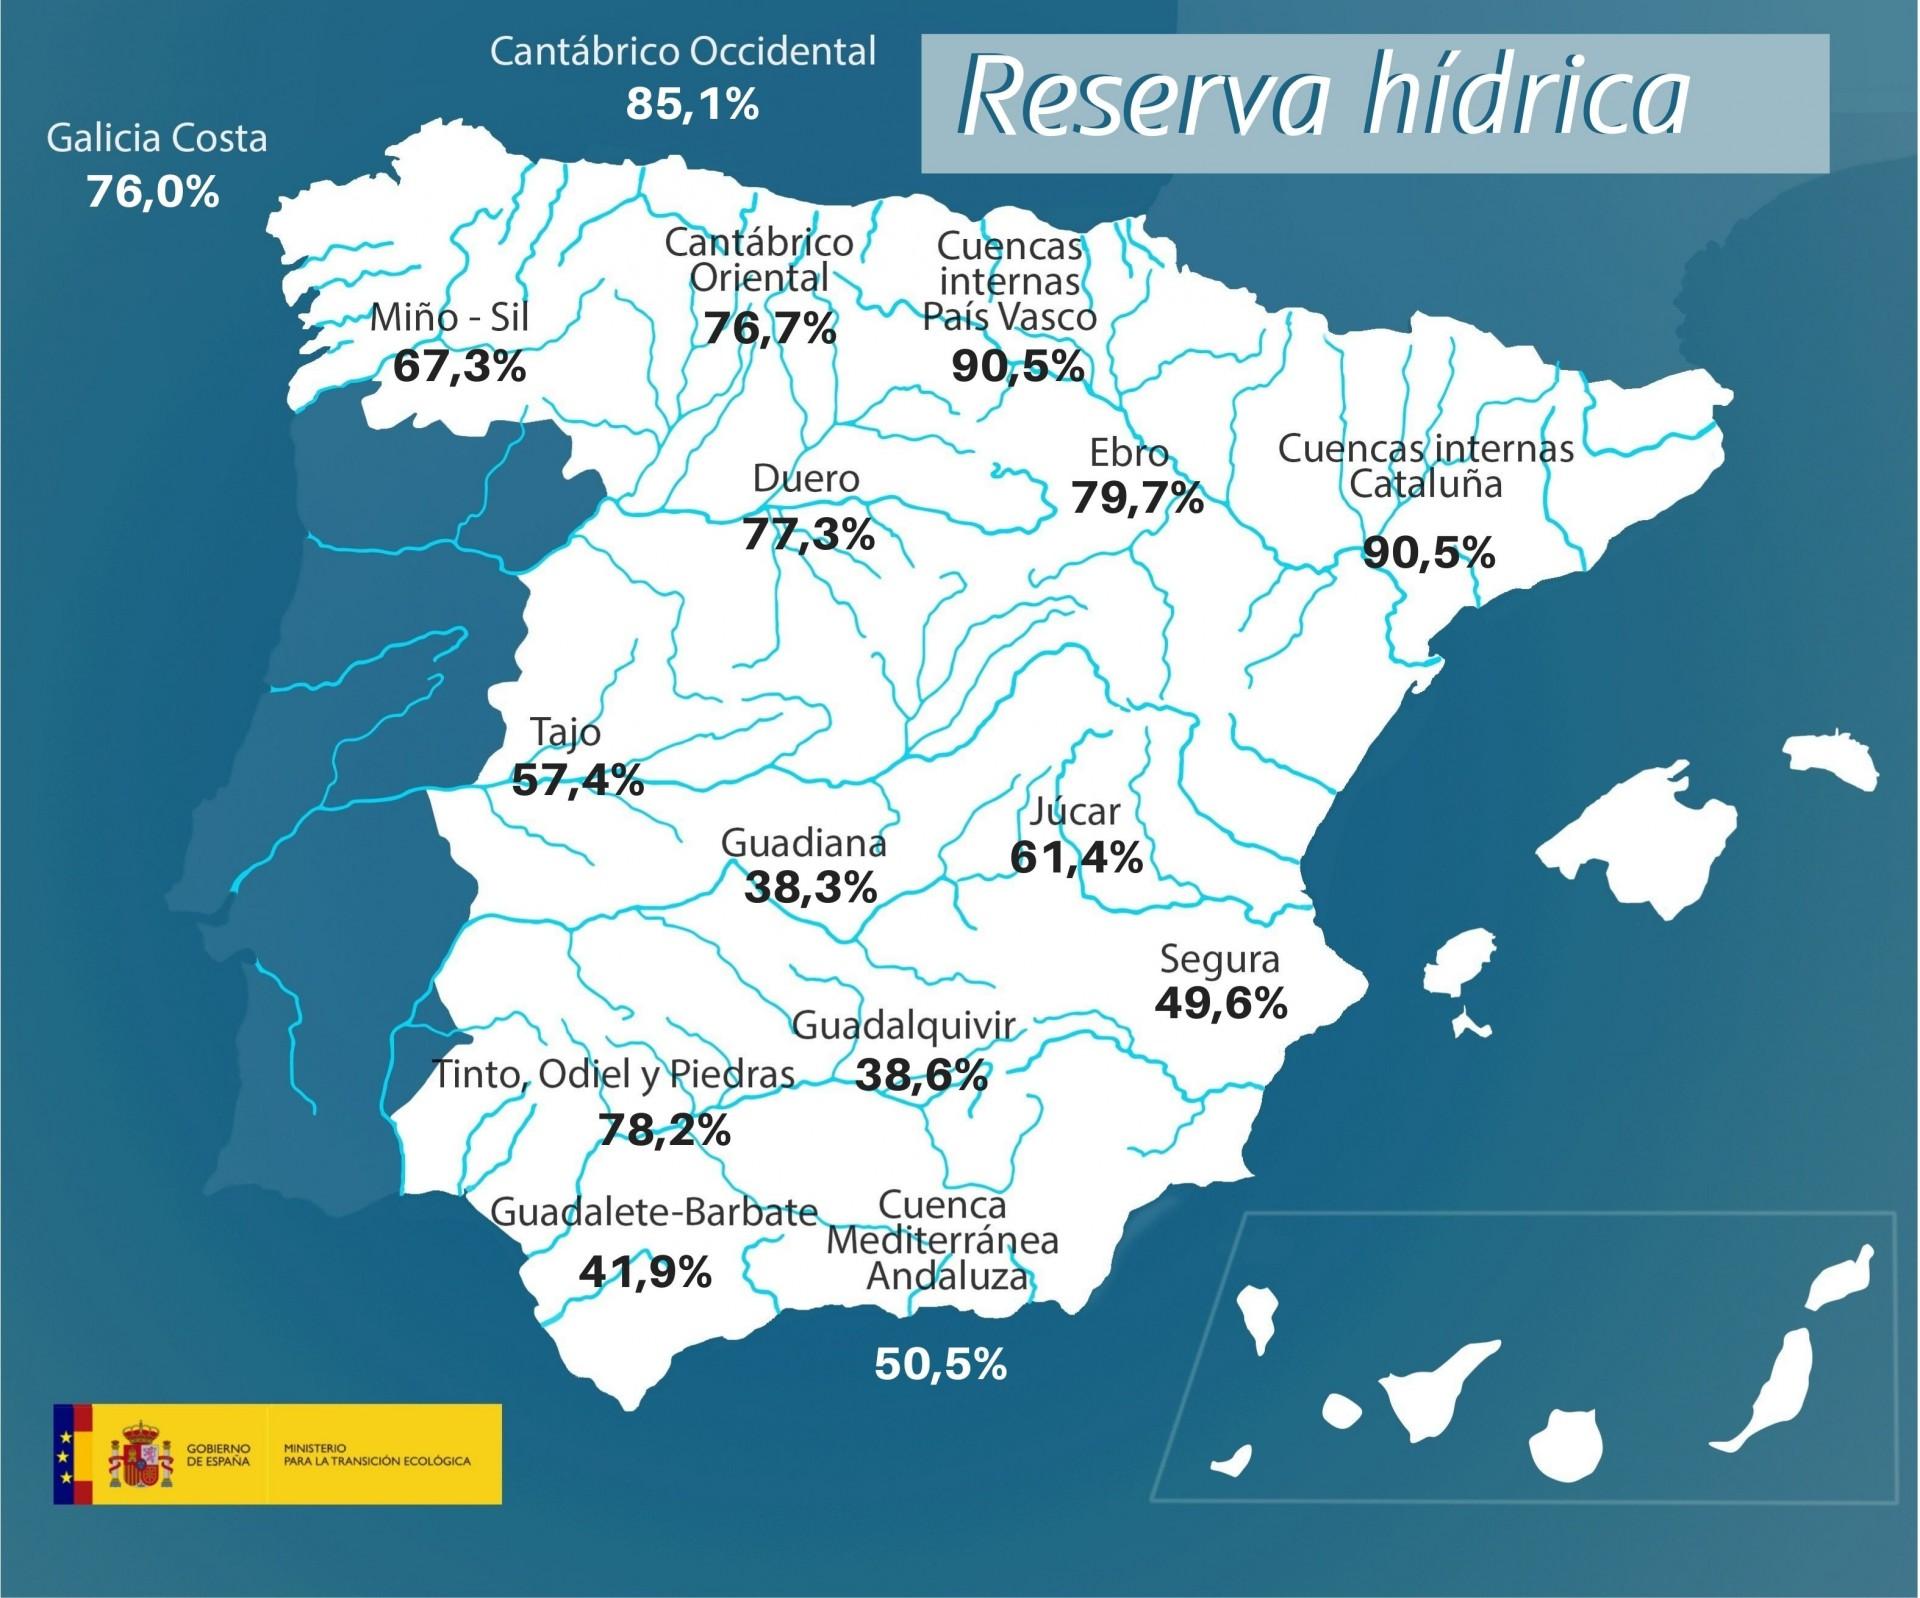 La reserva hídrica española se encuentra al 58,3 por ciento de su capacidad